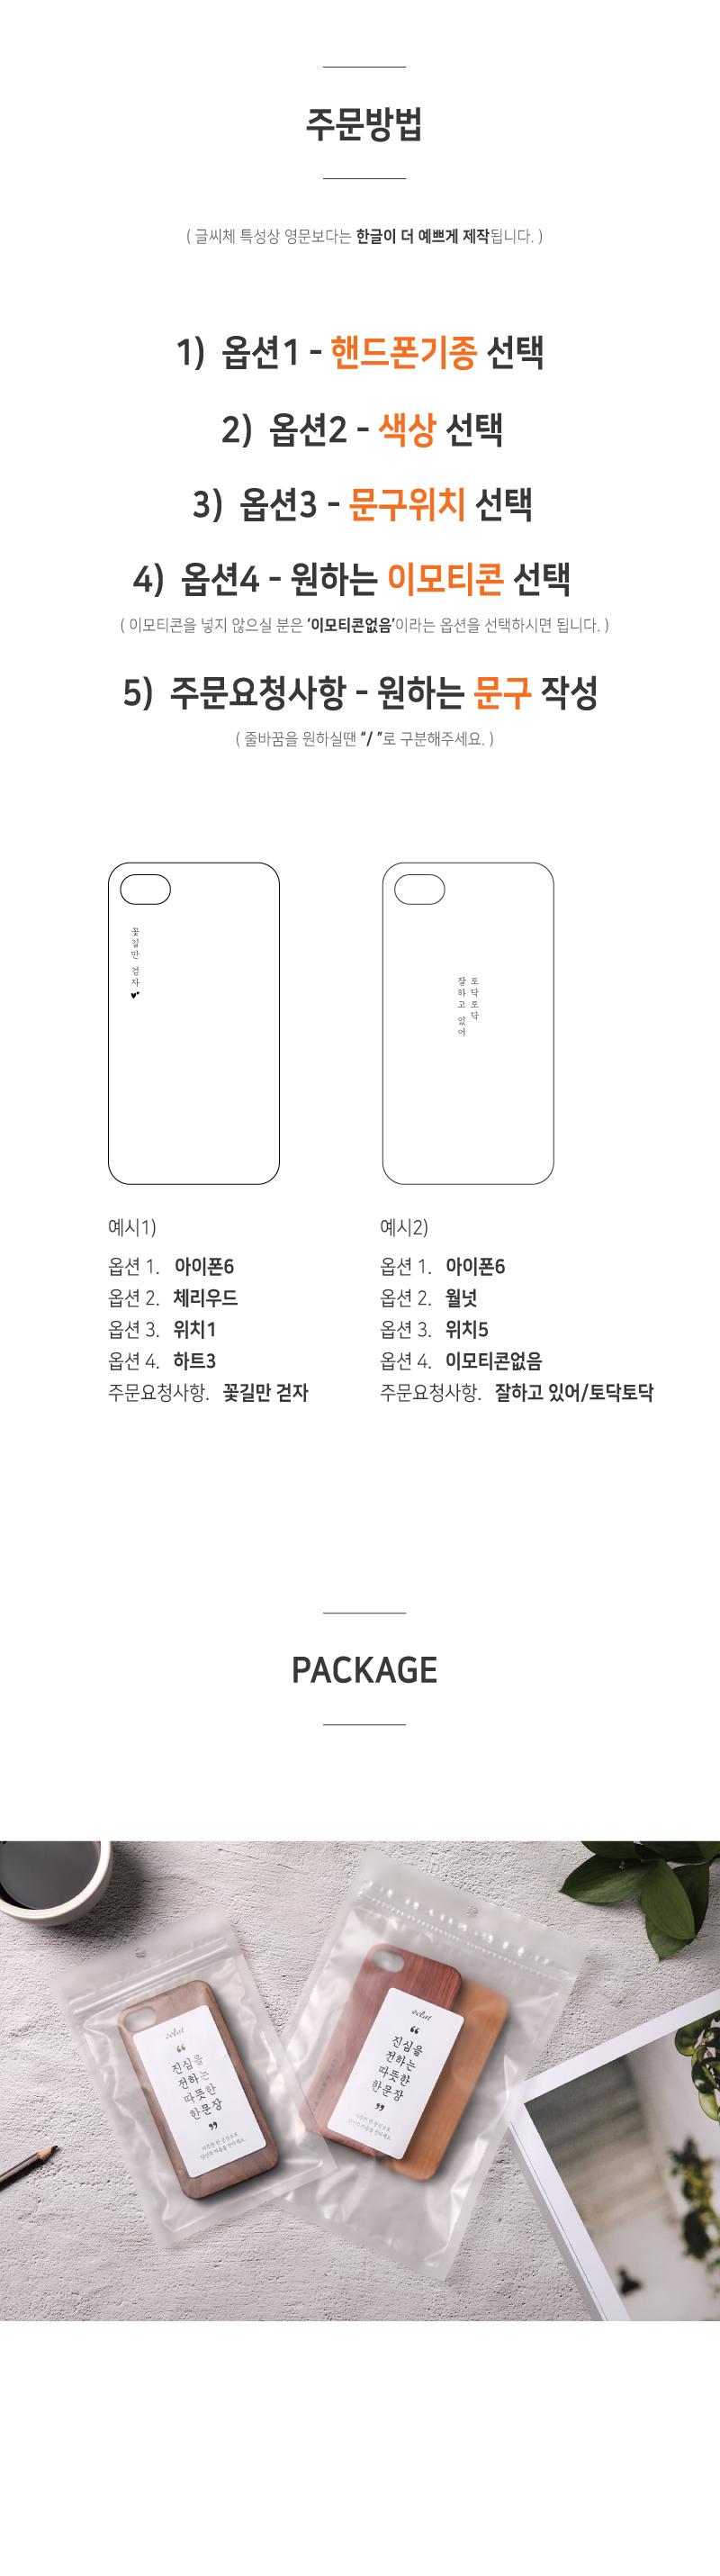 한글 커스텀 우드 폰케이스 - 에끌라몰, 14,900원, 케이스, 아이폰6/6 플러스